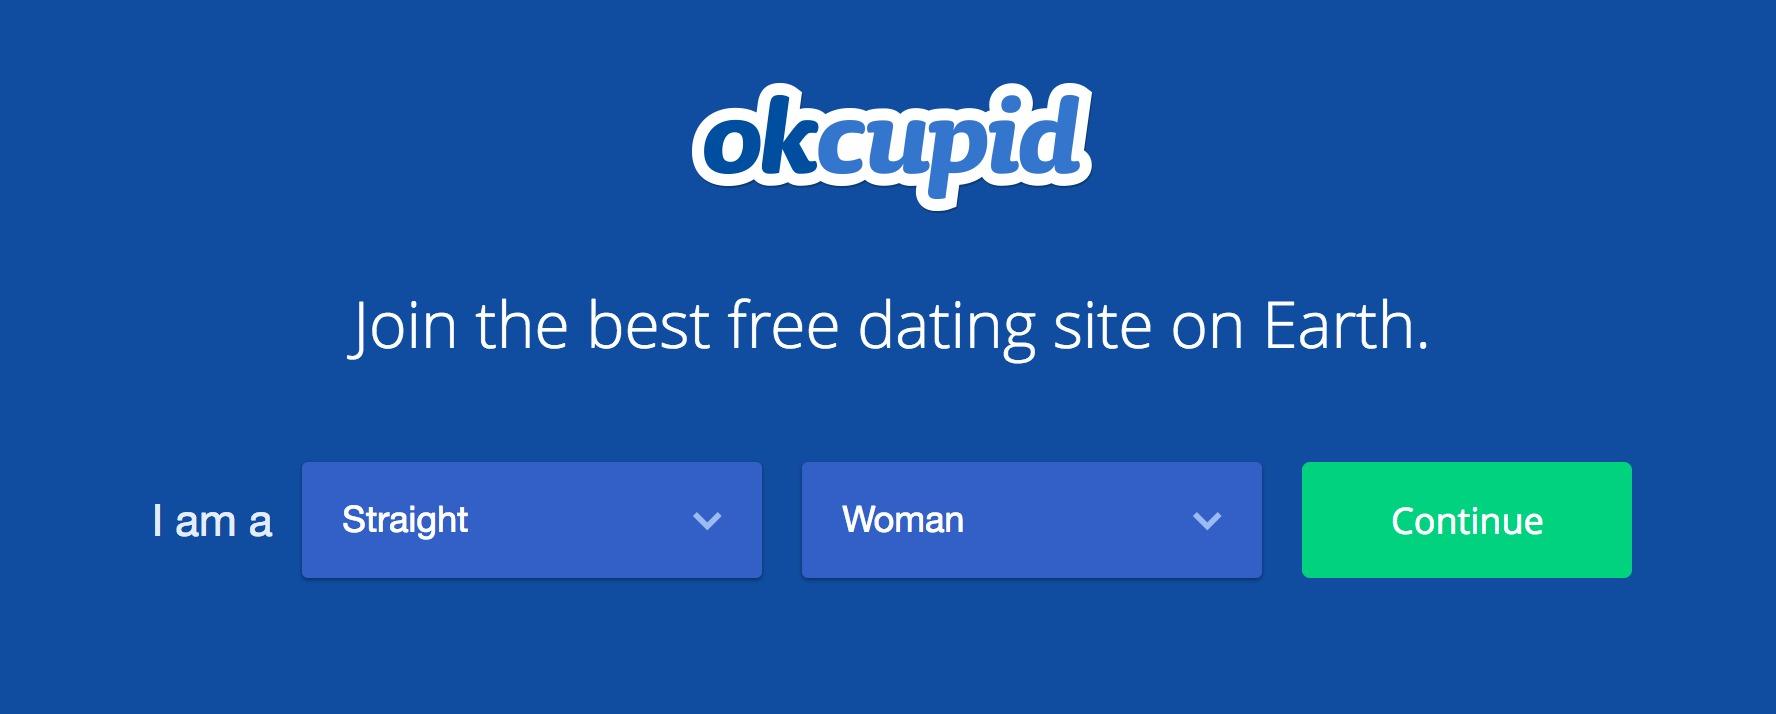 Top gebruiker rated dating sites Guy tips voor online dating